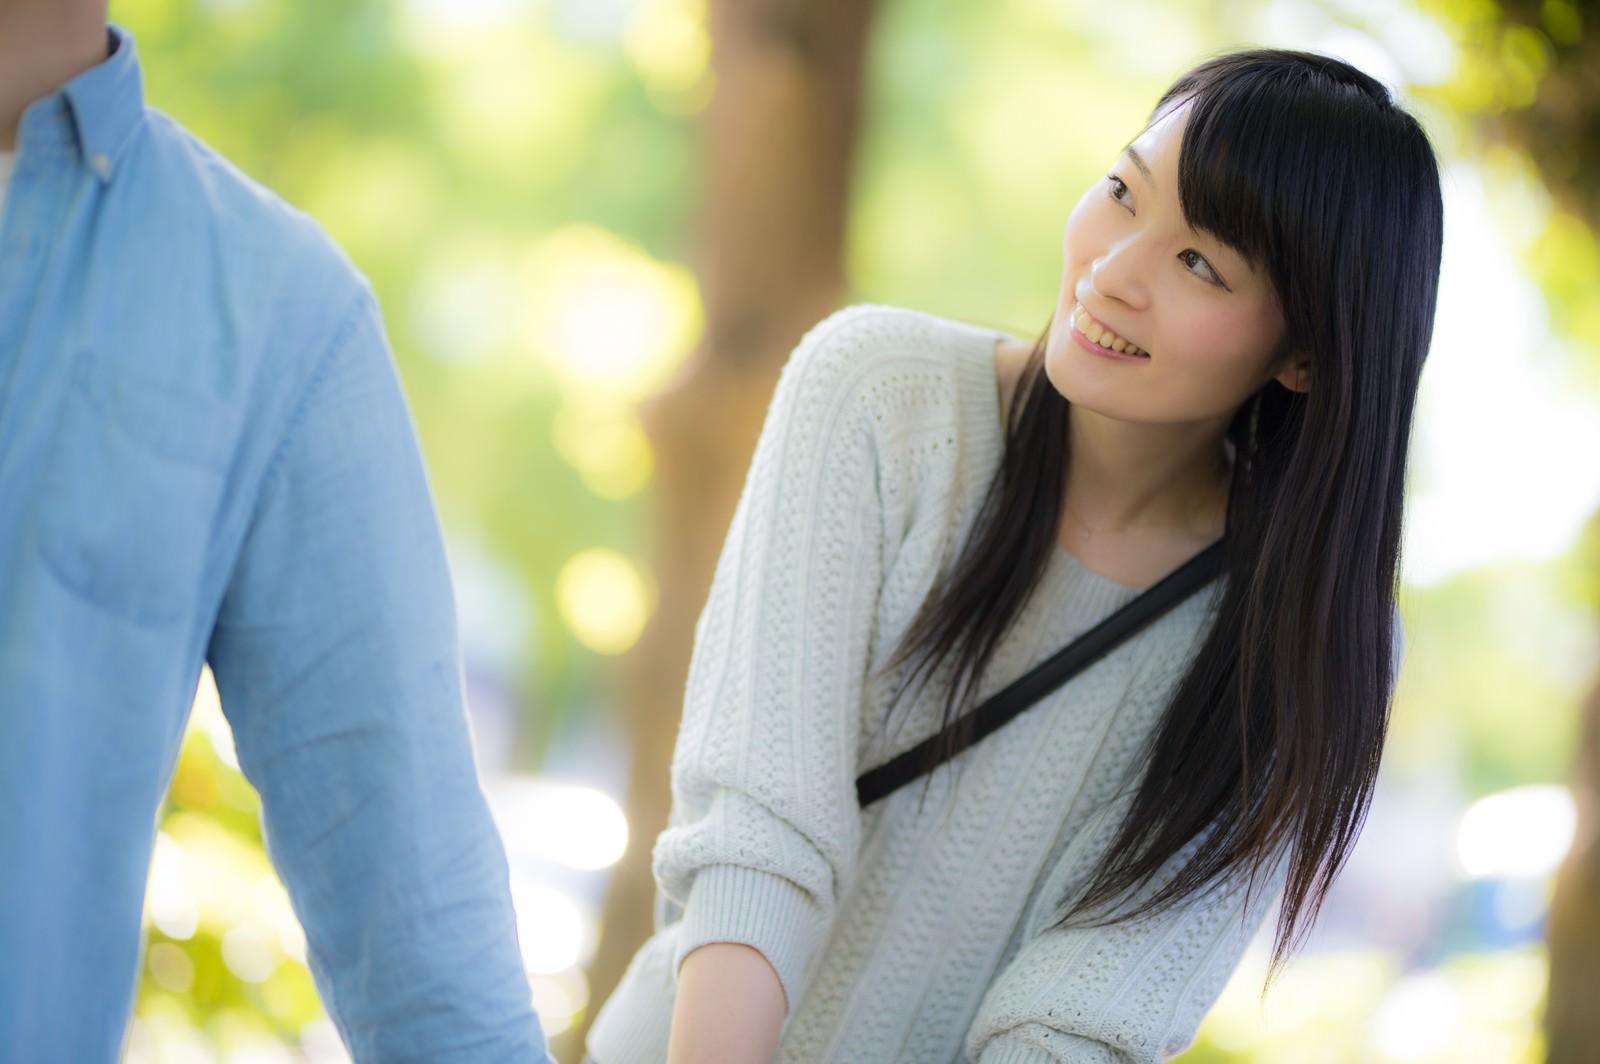 「彼氏の顔色をうかがう付き合いたての女性」の写真[モデル:たけべともこ]